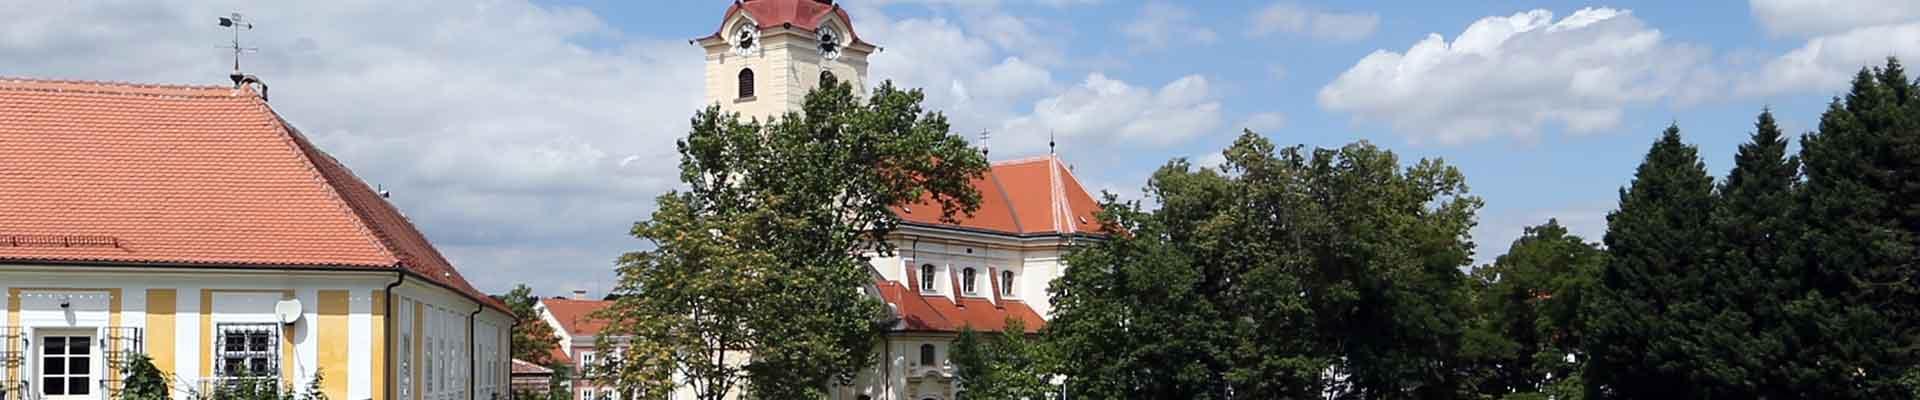 Gemeinde Ravelsbach